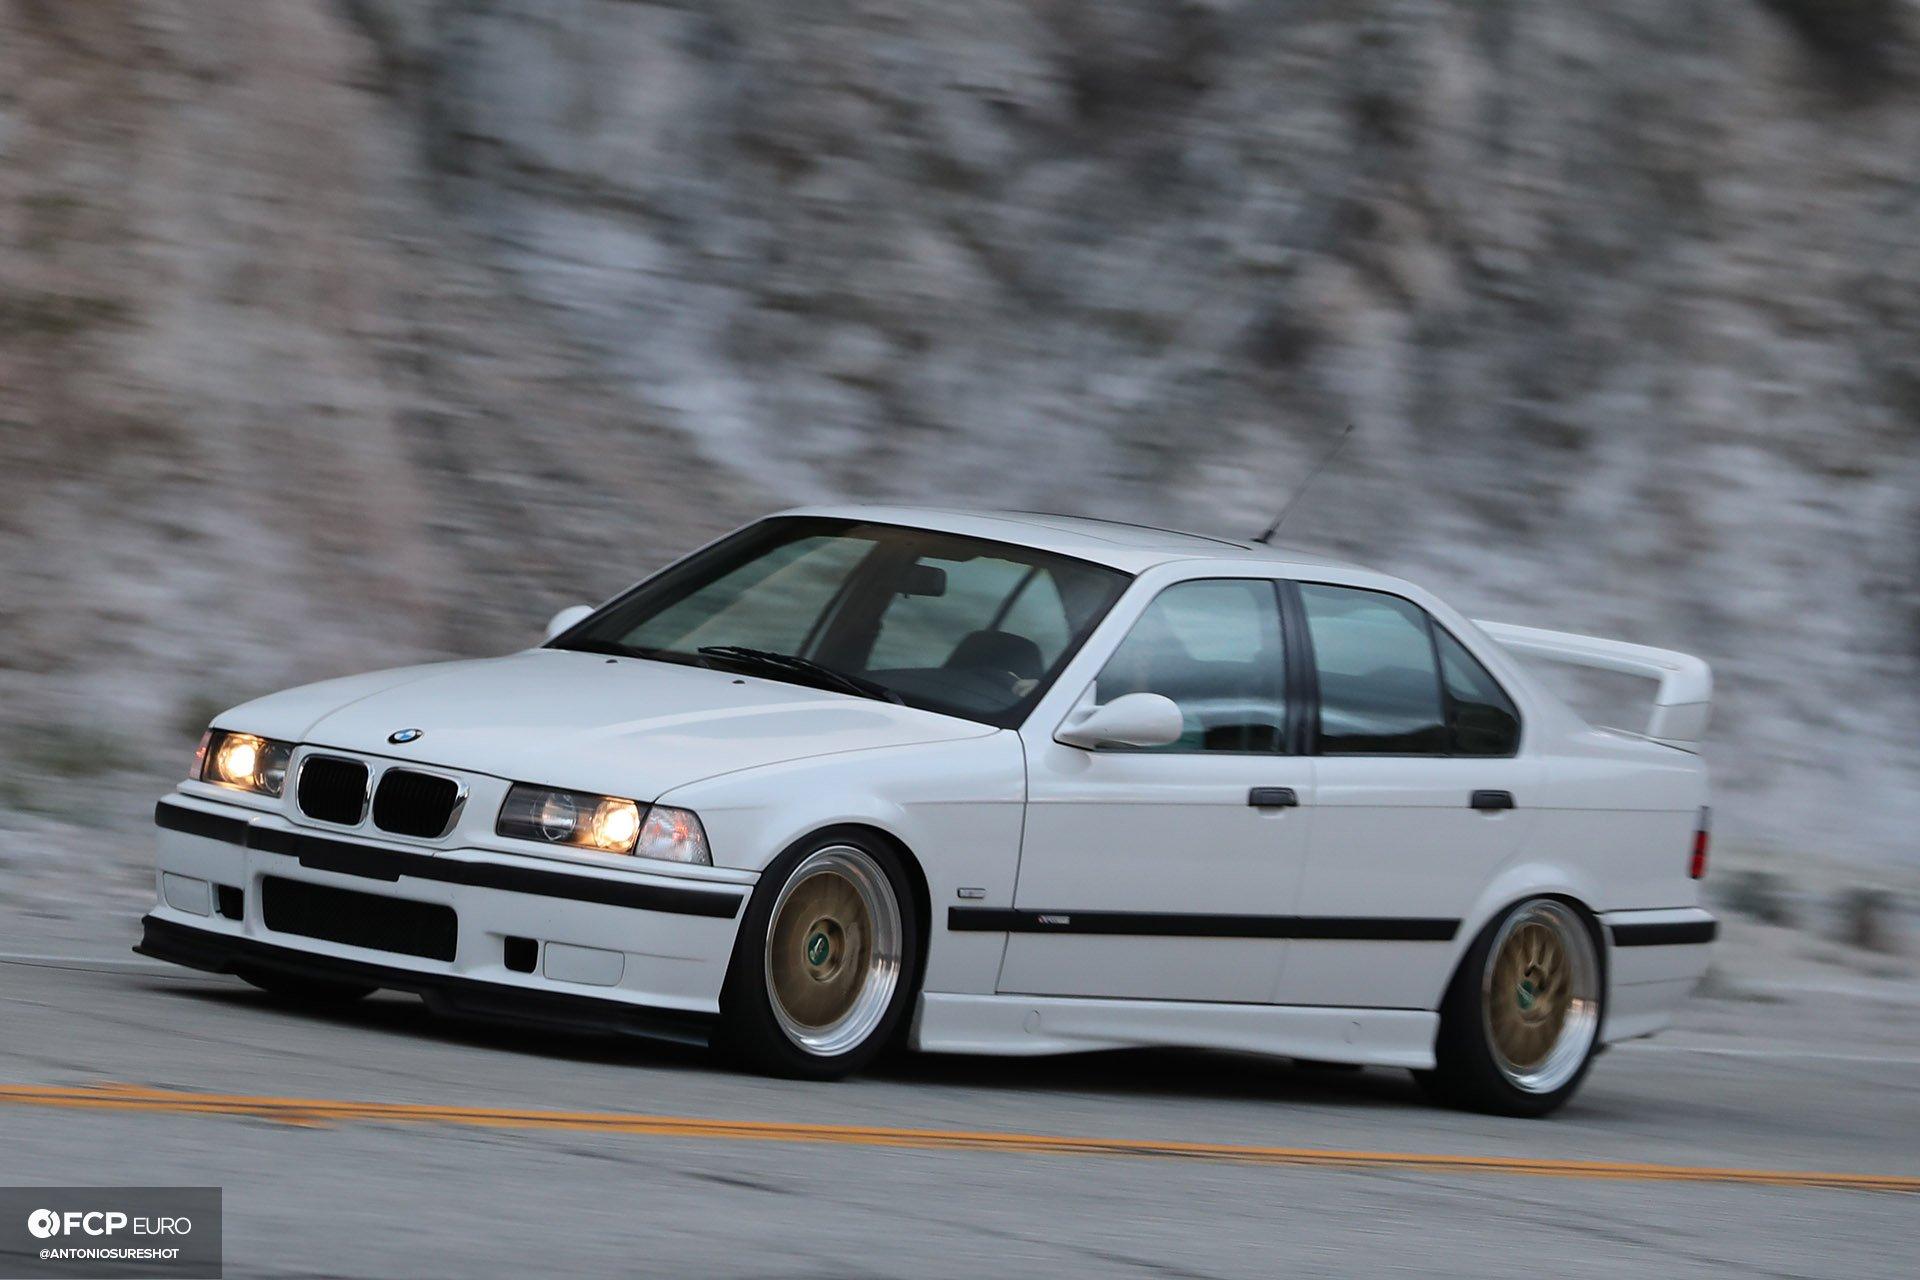 Garage Welt E36 BMW M3 4door sedan BBS Brembo